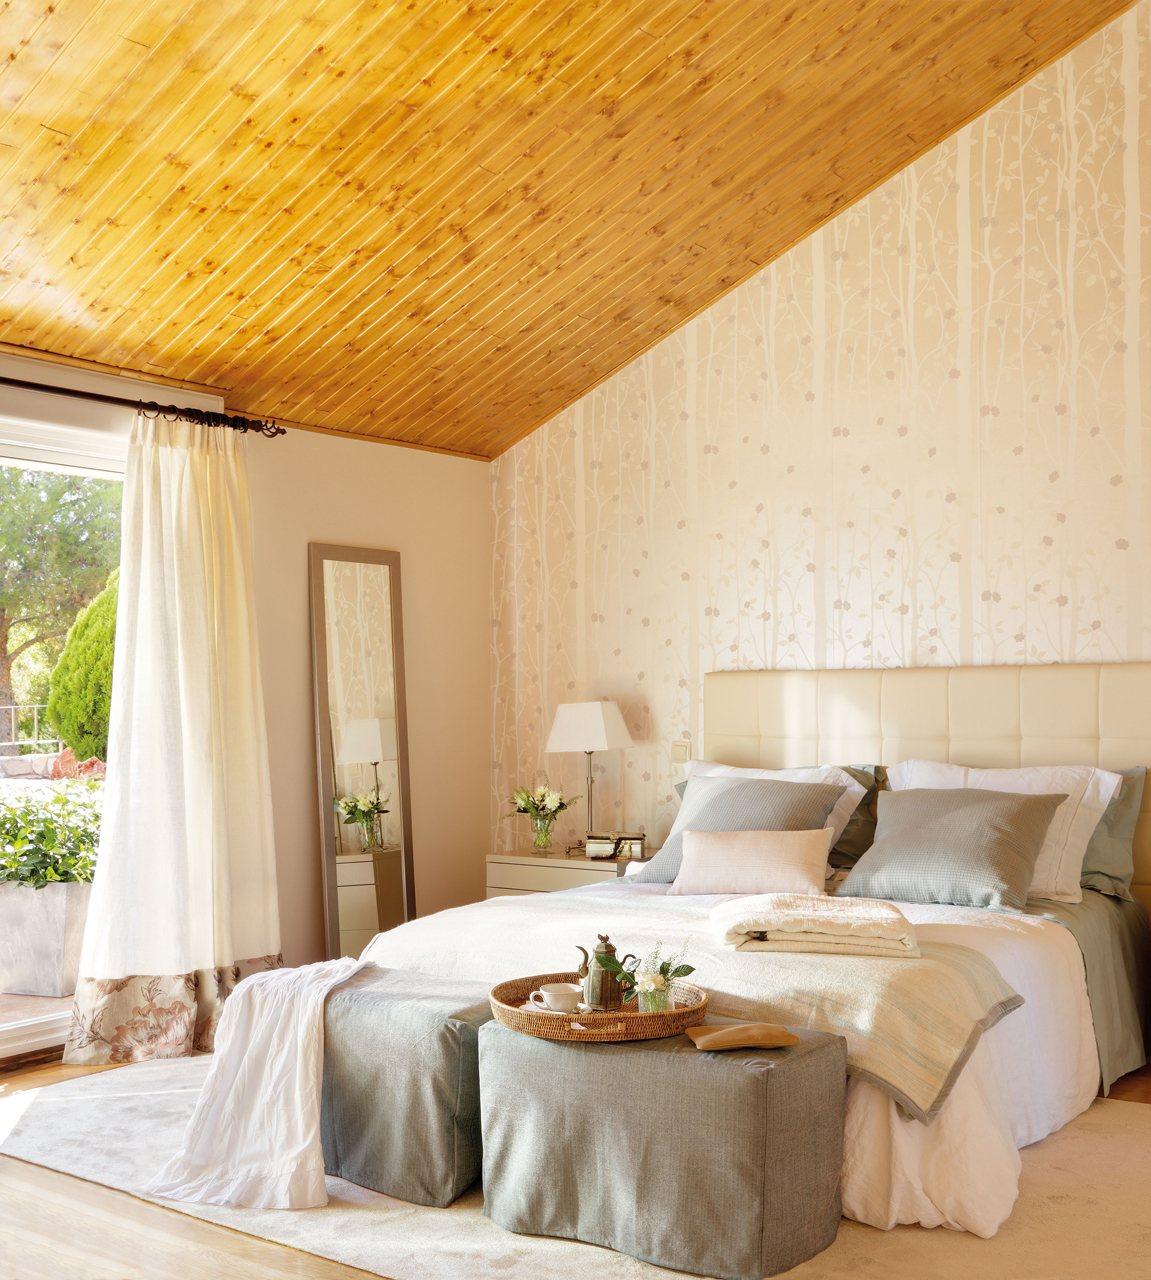 12 dormitorios renovados por el mueble - Dormitorio estilo romantico ...